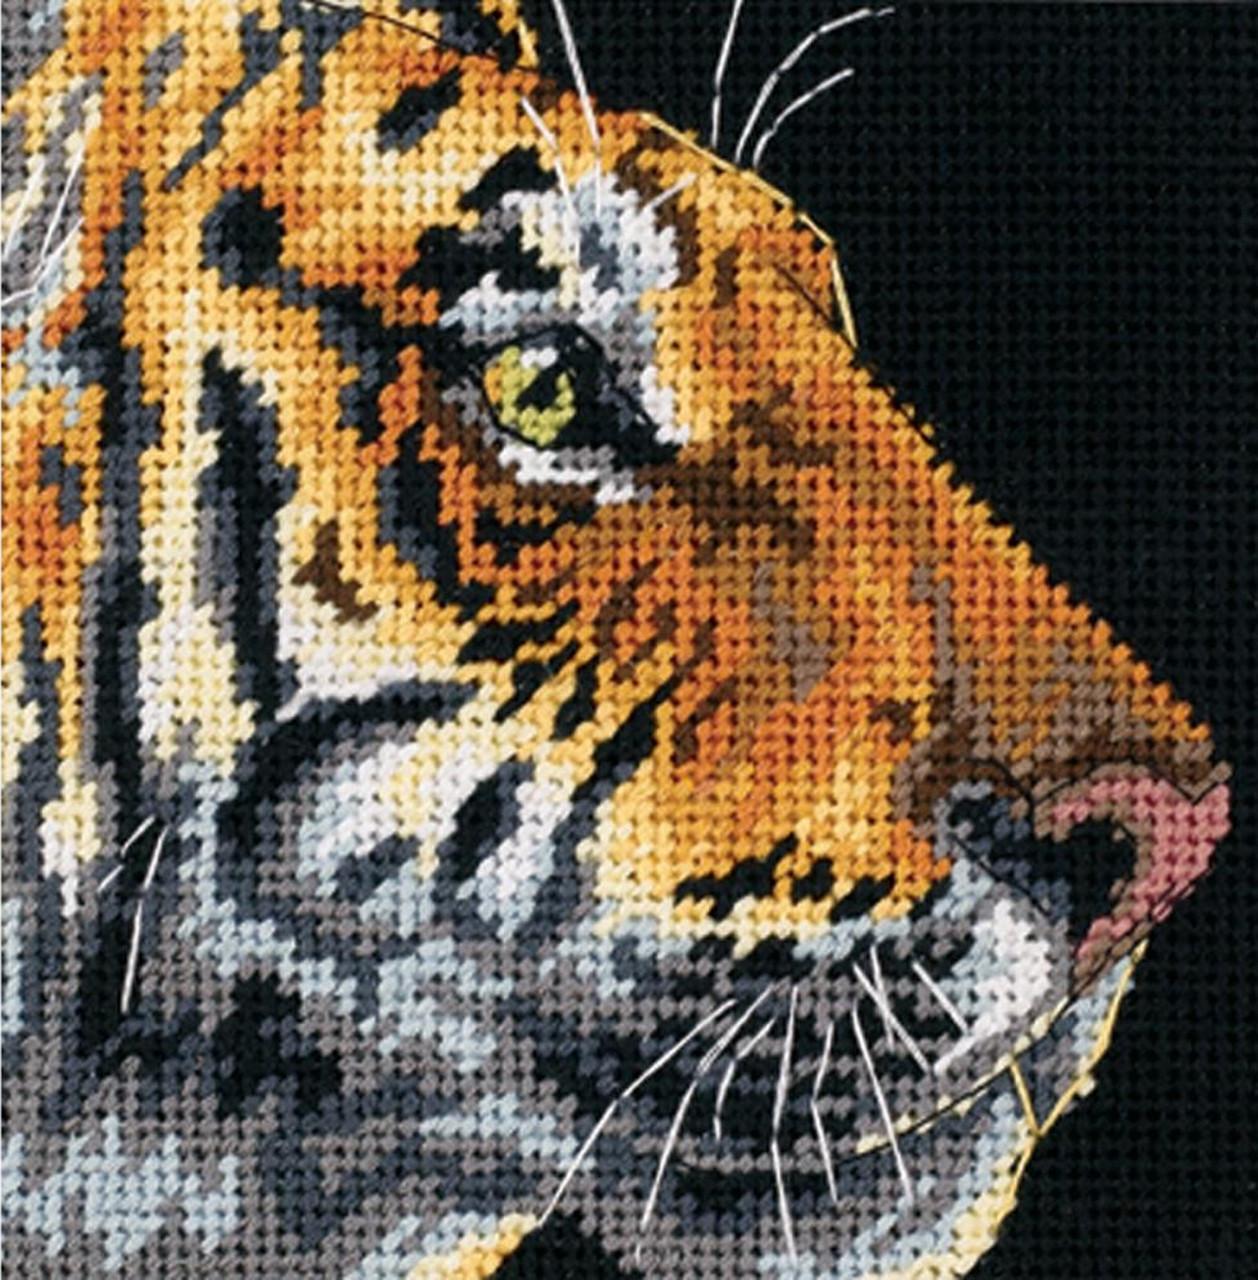 tiger profile pics